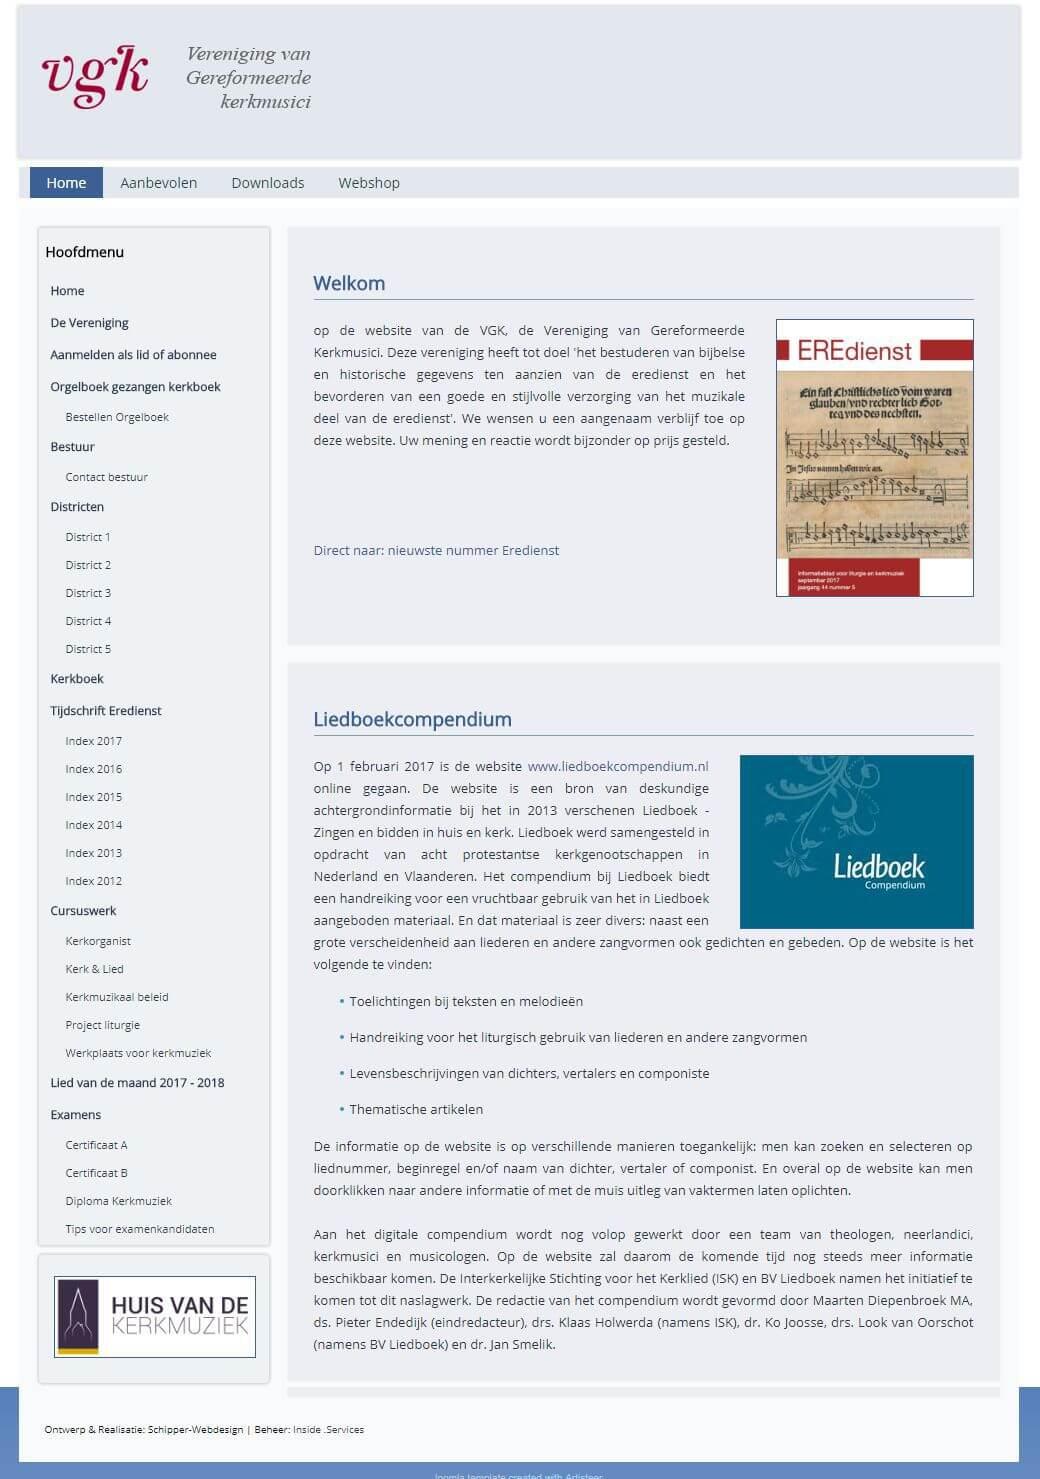 Afbeelding website www.eredienst.com